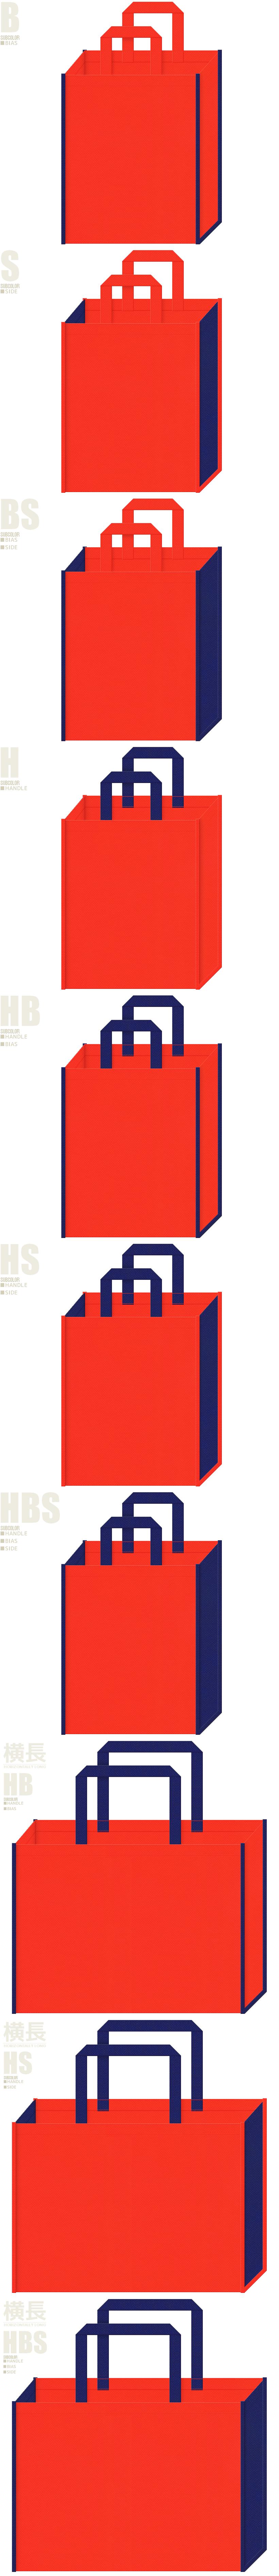 アリーナ・ユニフォーム・シューズ・スポーツイベント・スポーティーファッション・スポーツ用品の展示会用バッグにお奨めの不織布バッグデザイン:オレンジ色と明るい紺色の配色7パターン